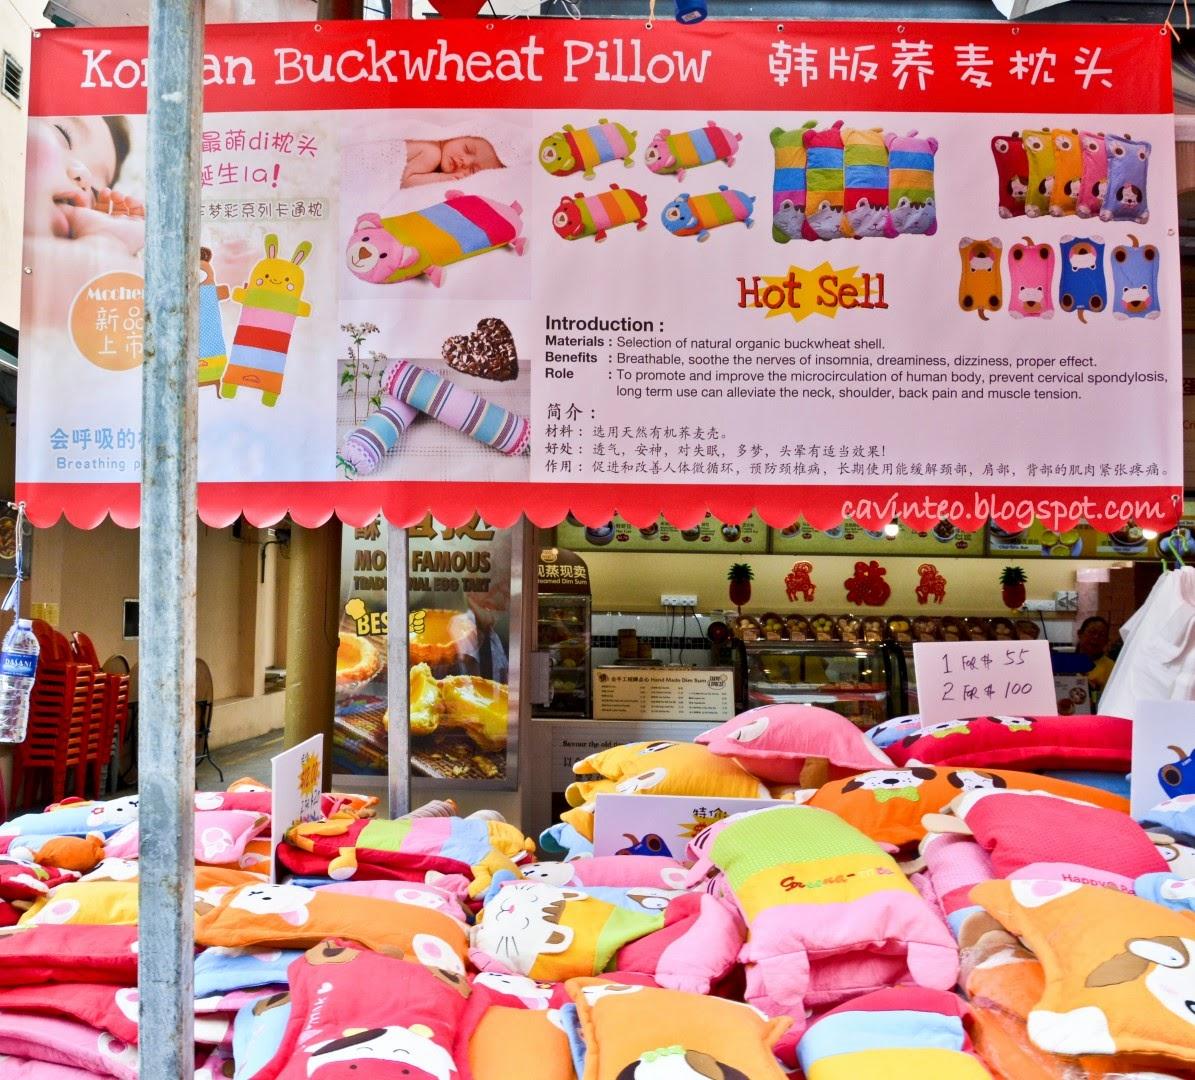 entree kibbles singapore chinatown festive street bazaar 2015 c e